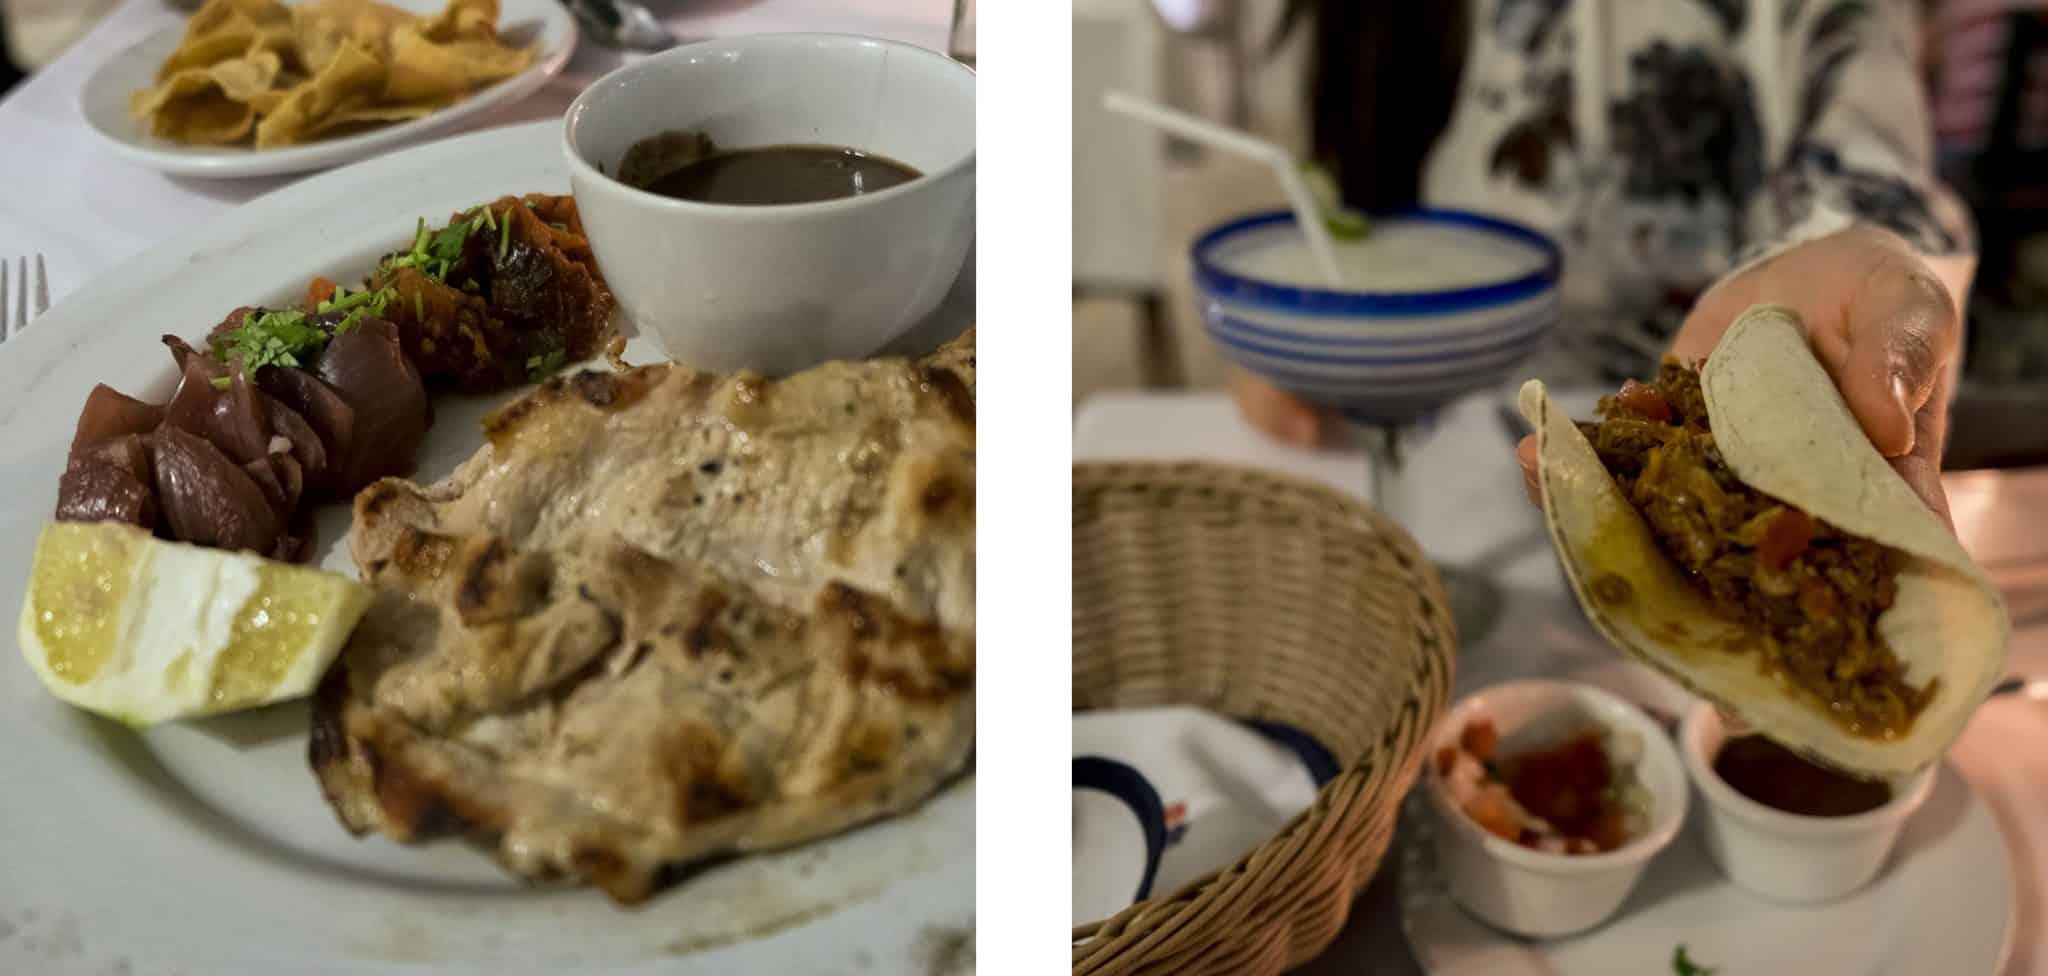 El Mesón del Marqués - Poc Chuc à esquerda e Cochinita Pibil à direita